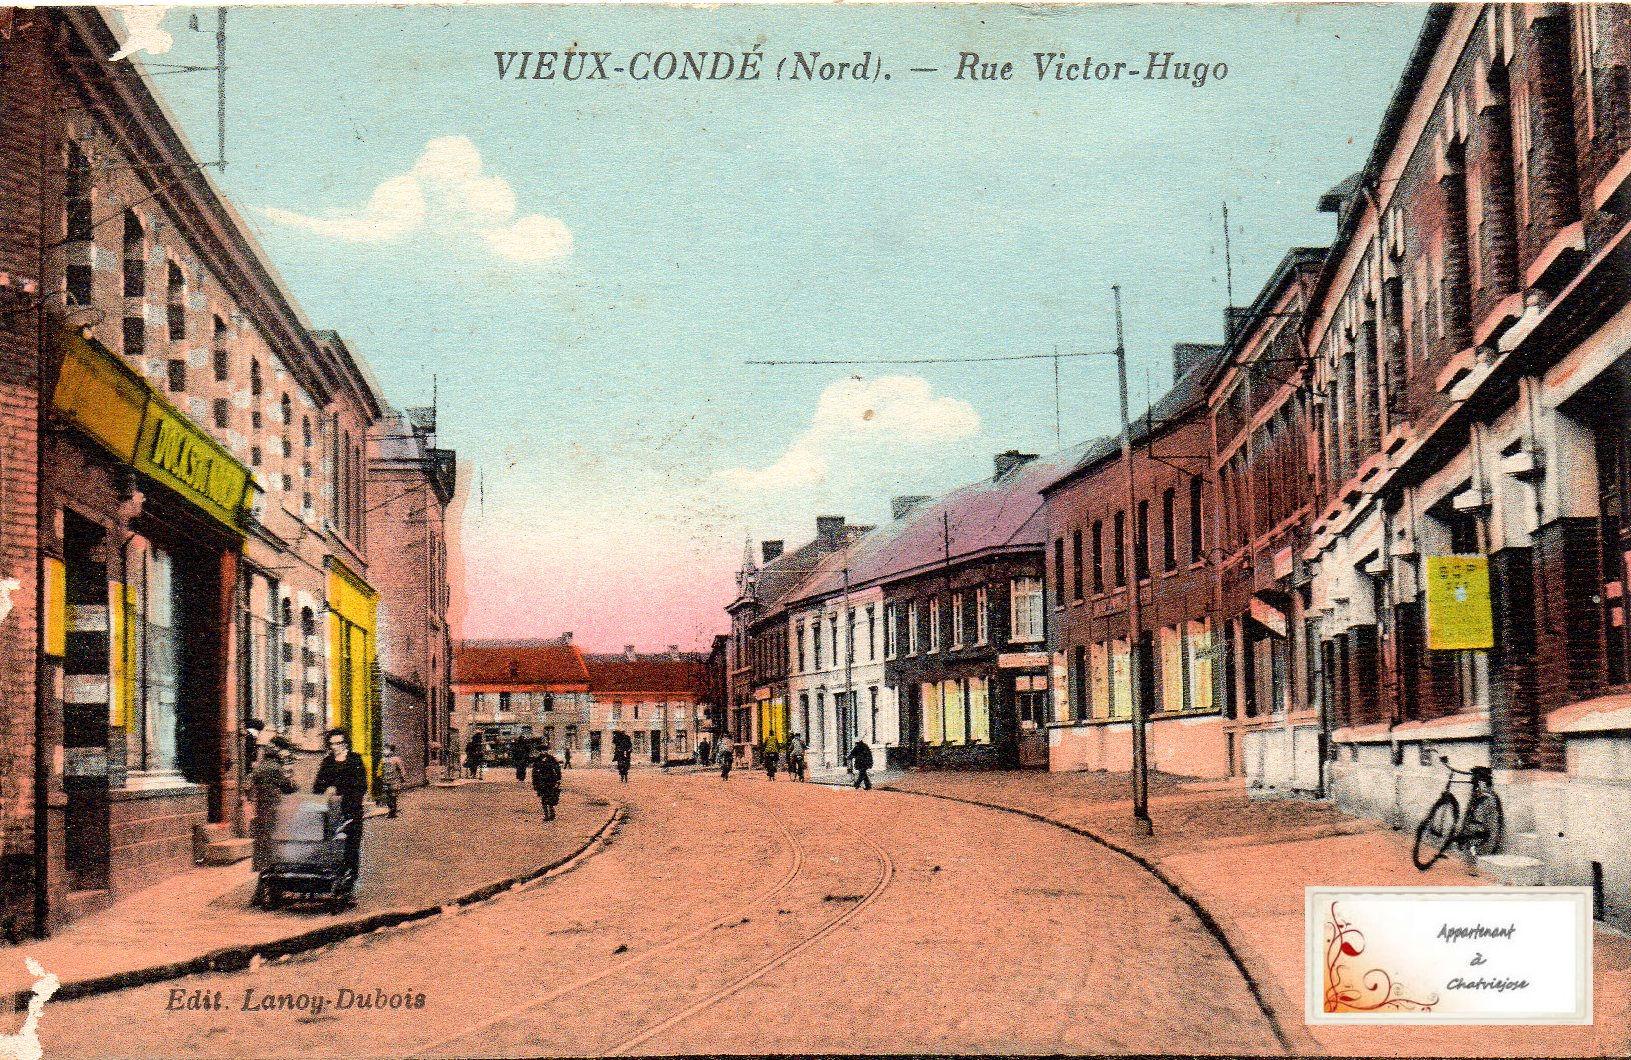 Vieux-Cond- rue Victor Hugo 2 recto  089A.jpg